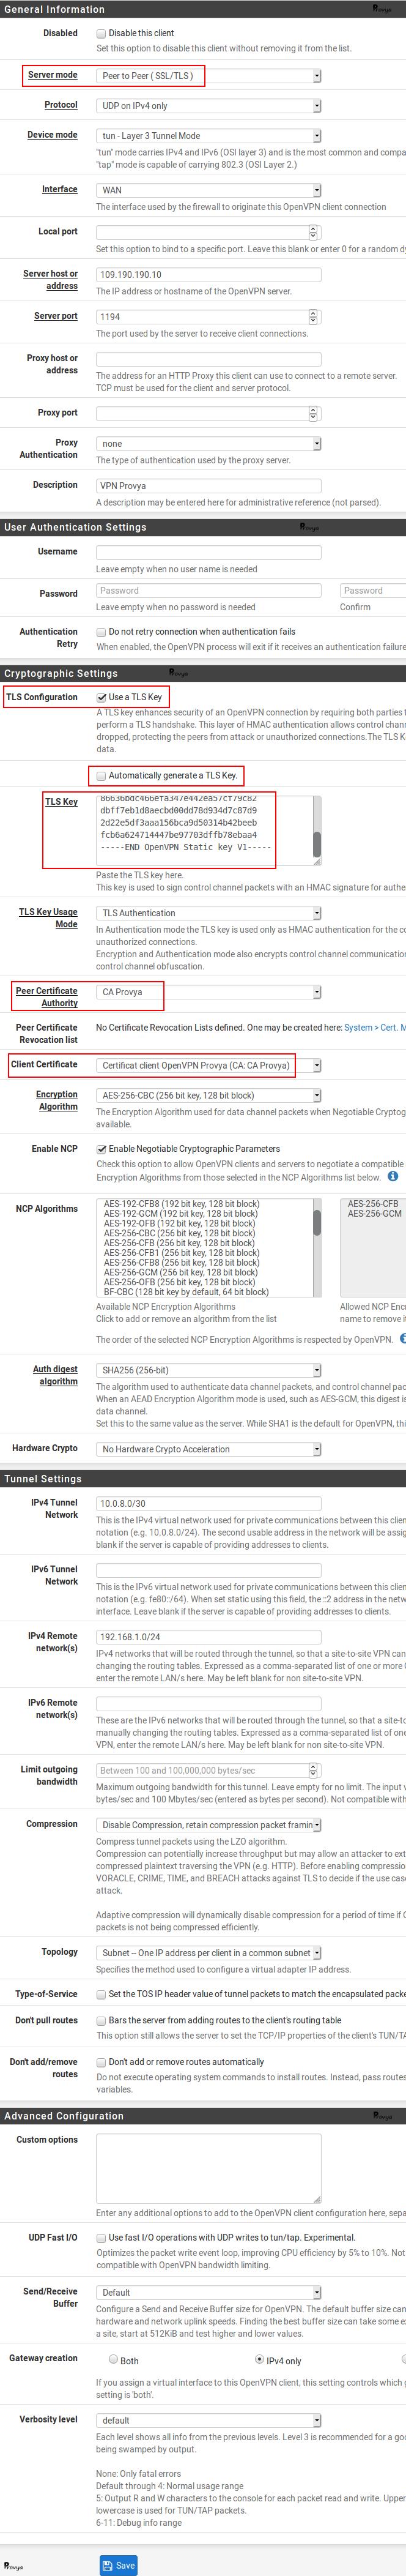 Exemple de configuration client OpenVPN avec certificat sur pfSense - Provya